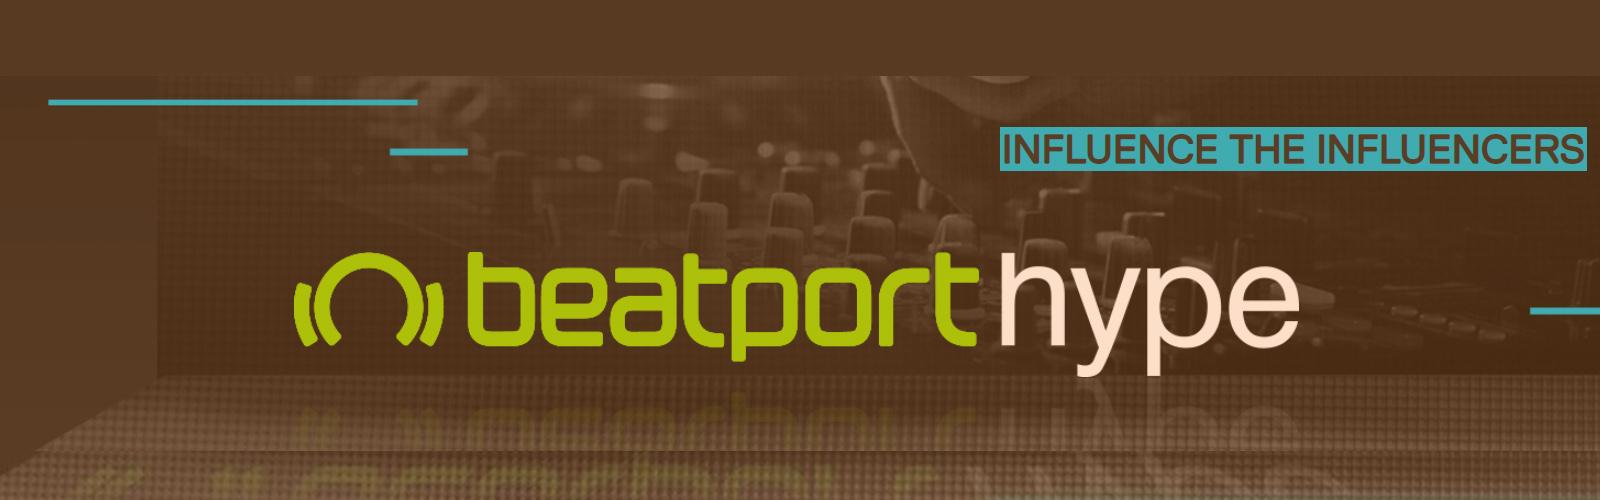 BEATPORT HYPE: une opportunité pour les artistes et labels indés émergents?